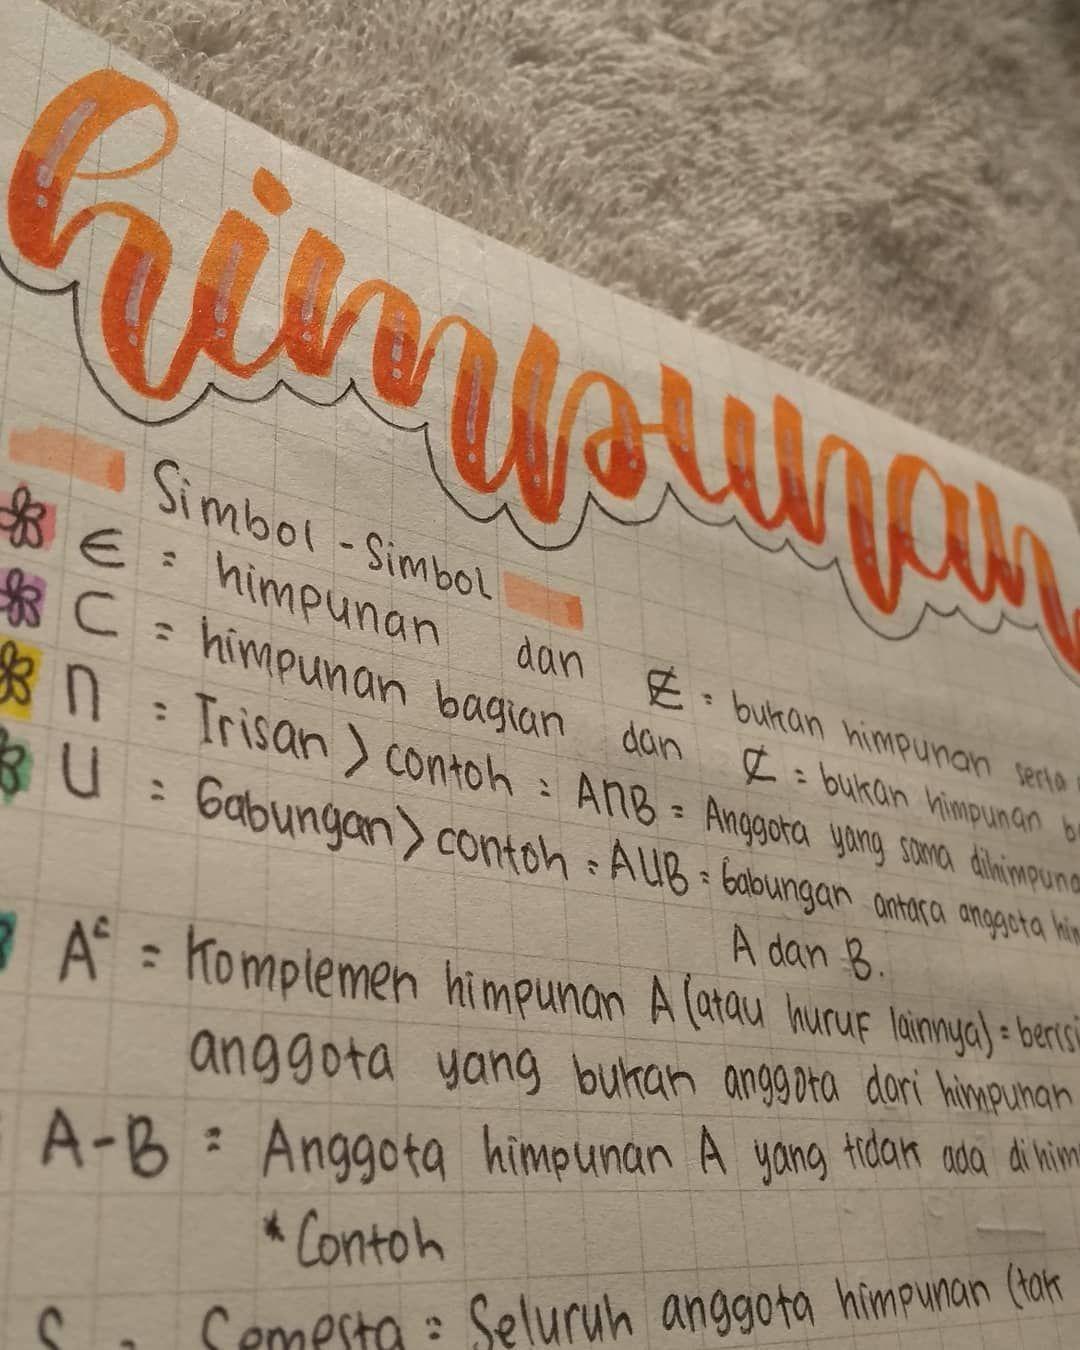 Studygramindonesia Matematika Studygram Aesthetic Lettering Rangkuman Pelajaran Himpunan Orange Me Matematika Kelas 7 Pelajaran Matematika Matematika